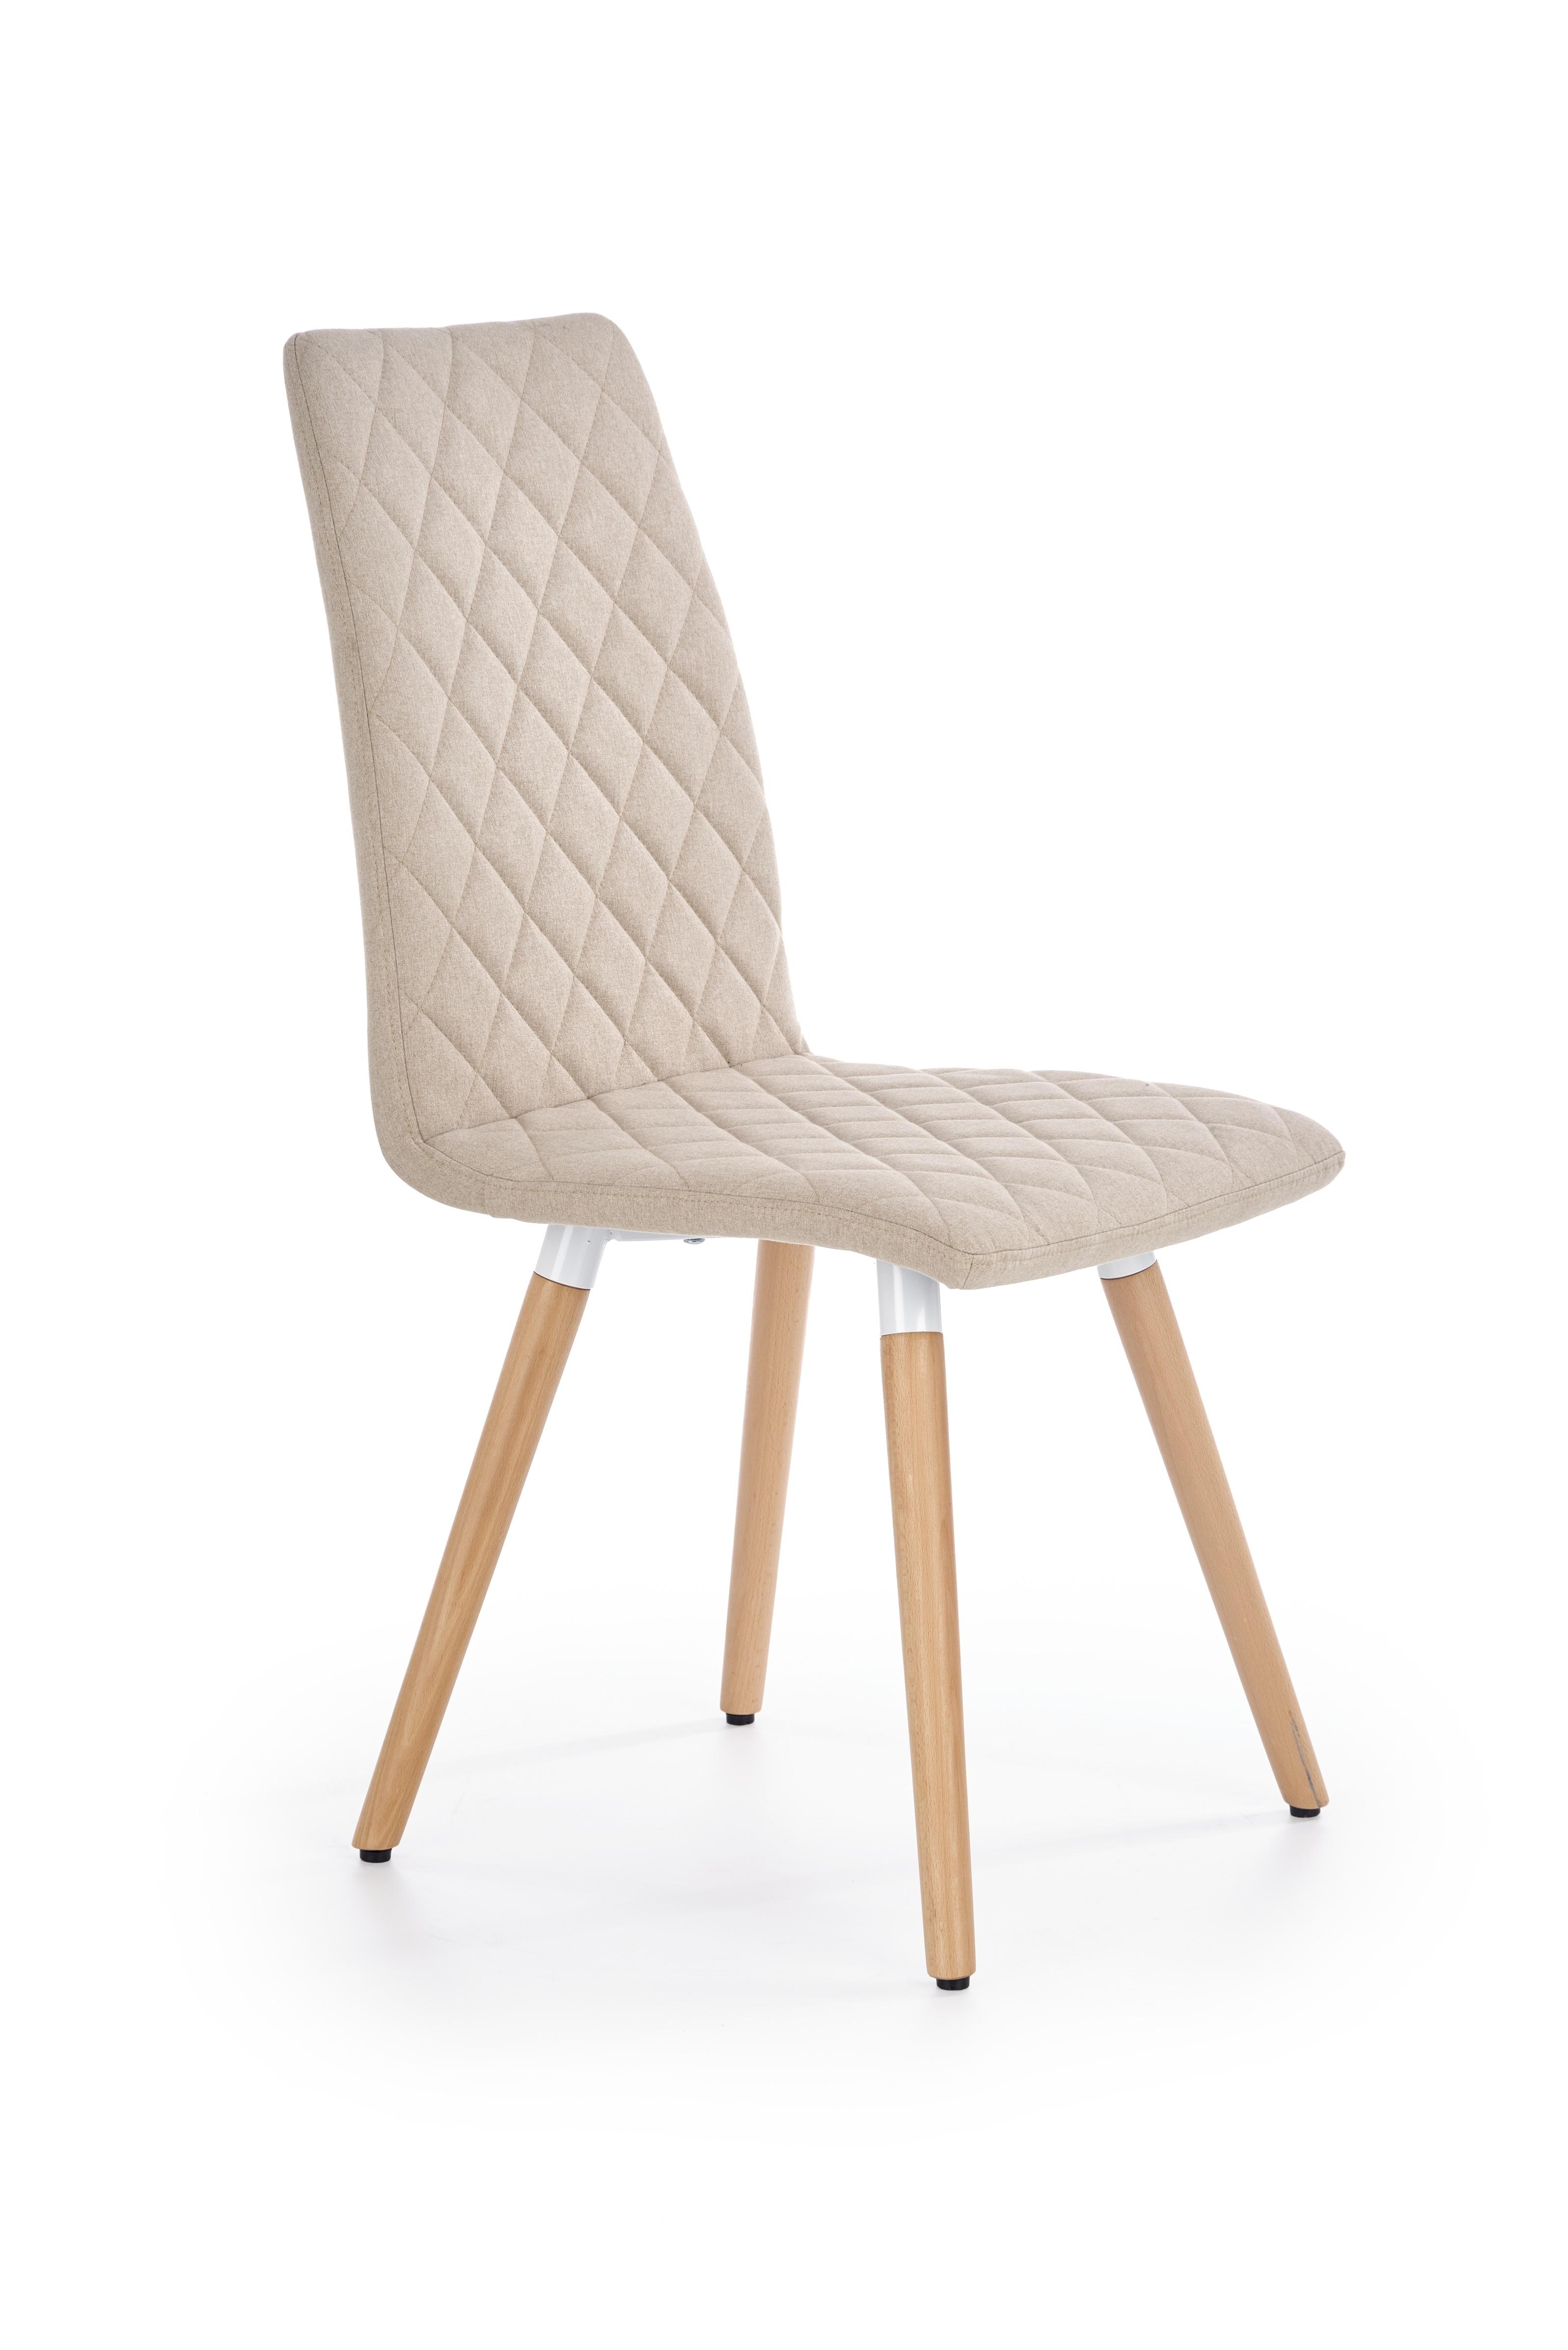 Scaun tapitat cu stofa, cu picioare din lemn K282 Beige, l56xA44xH93 cm somproduct.ro